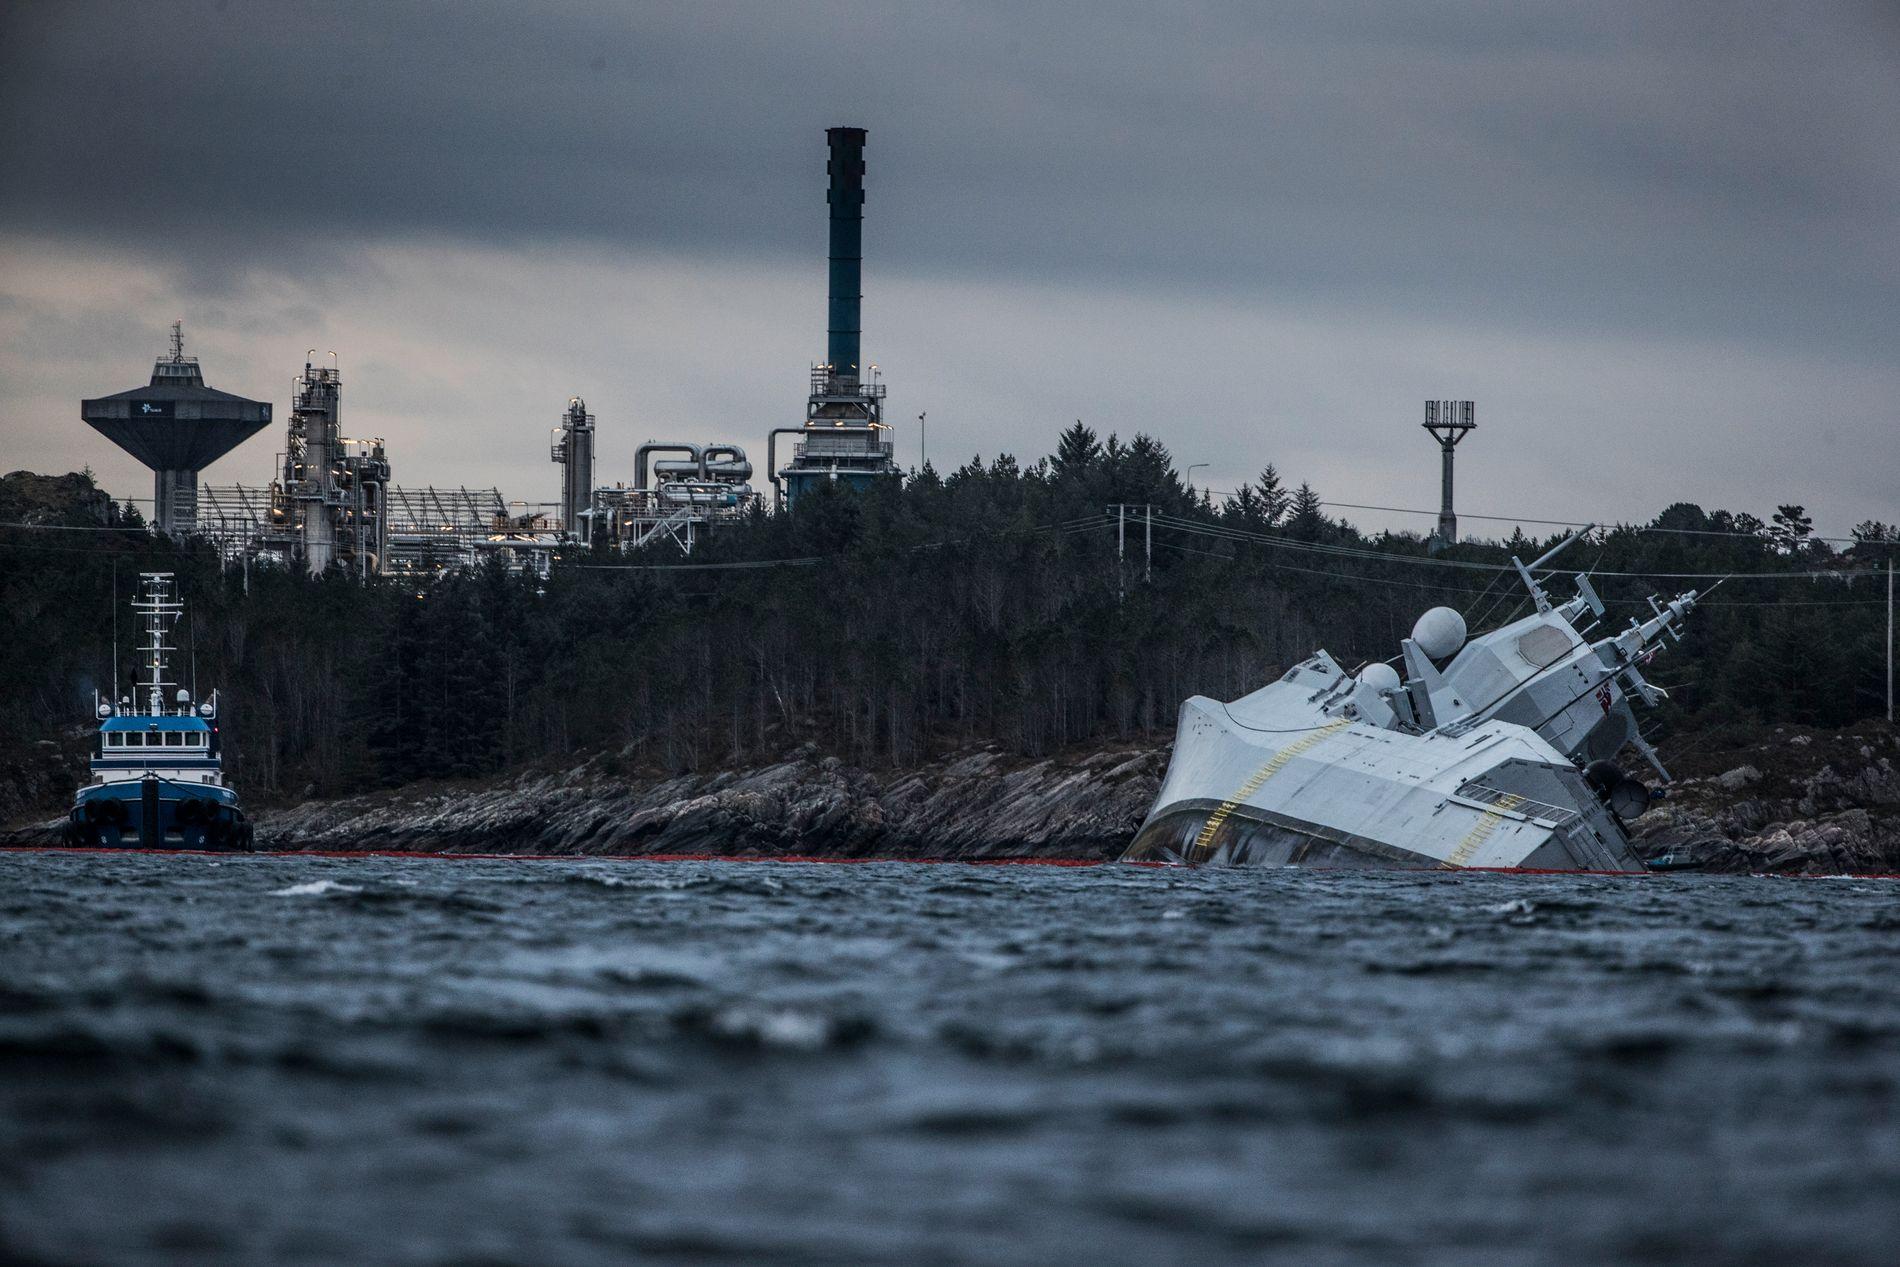 SIKRES: Arbeidet med å sikre KNM «Helge Ingstad» beskrives som svært krevende av Sjøforsvaret.